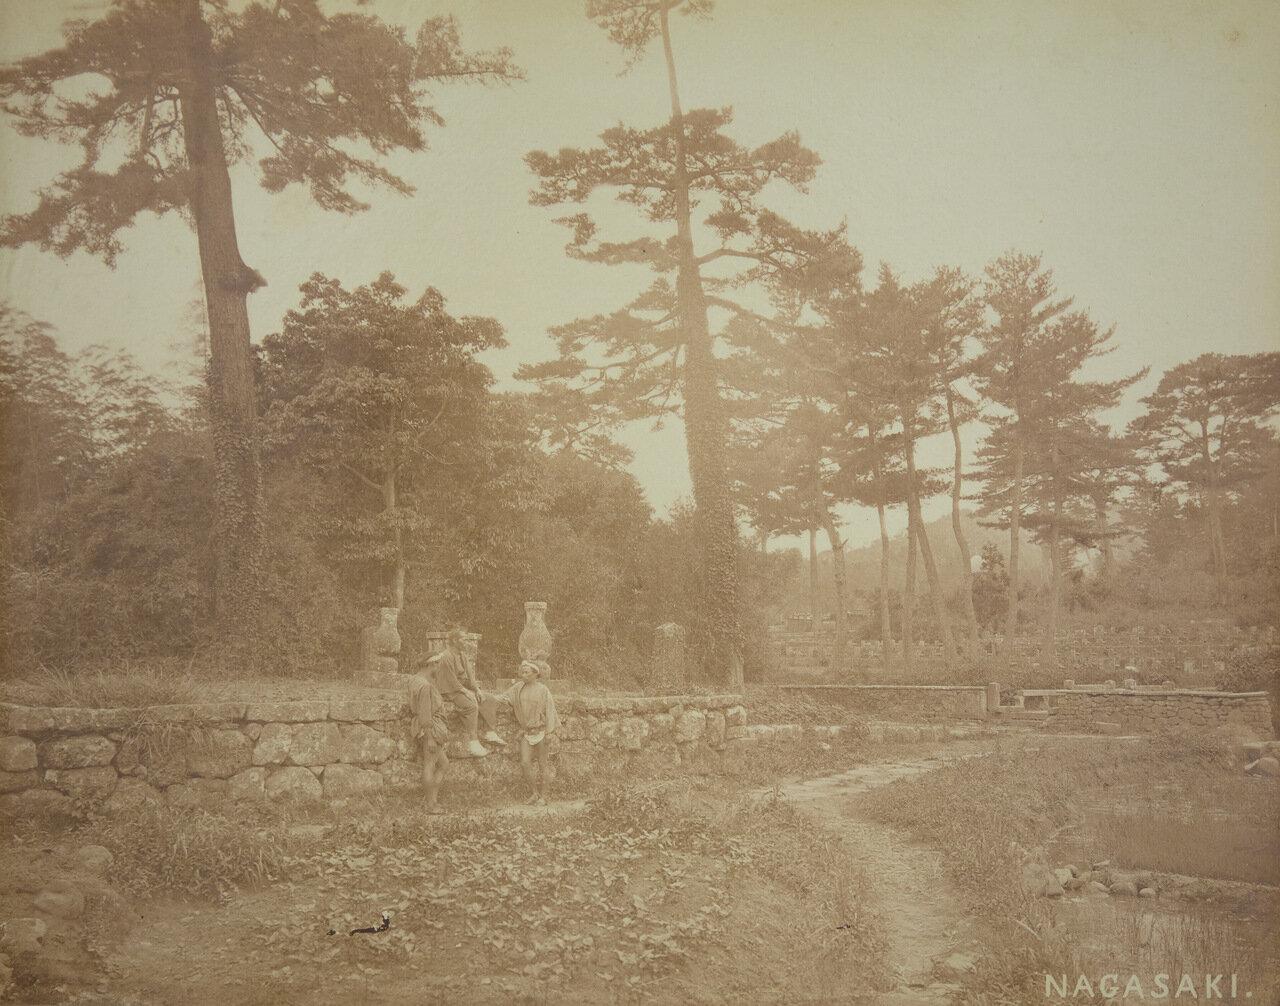 Нагасаки (возле кладбища)